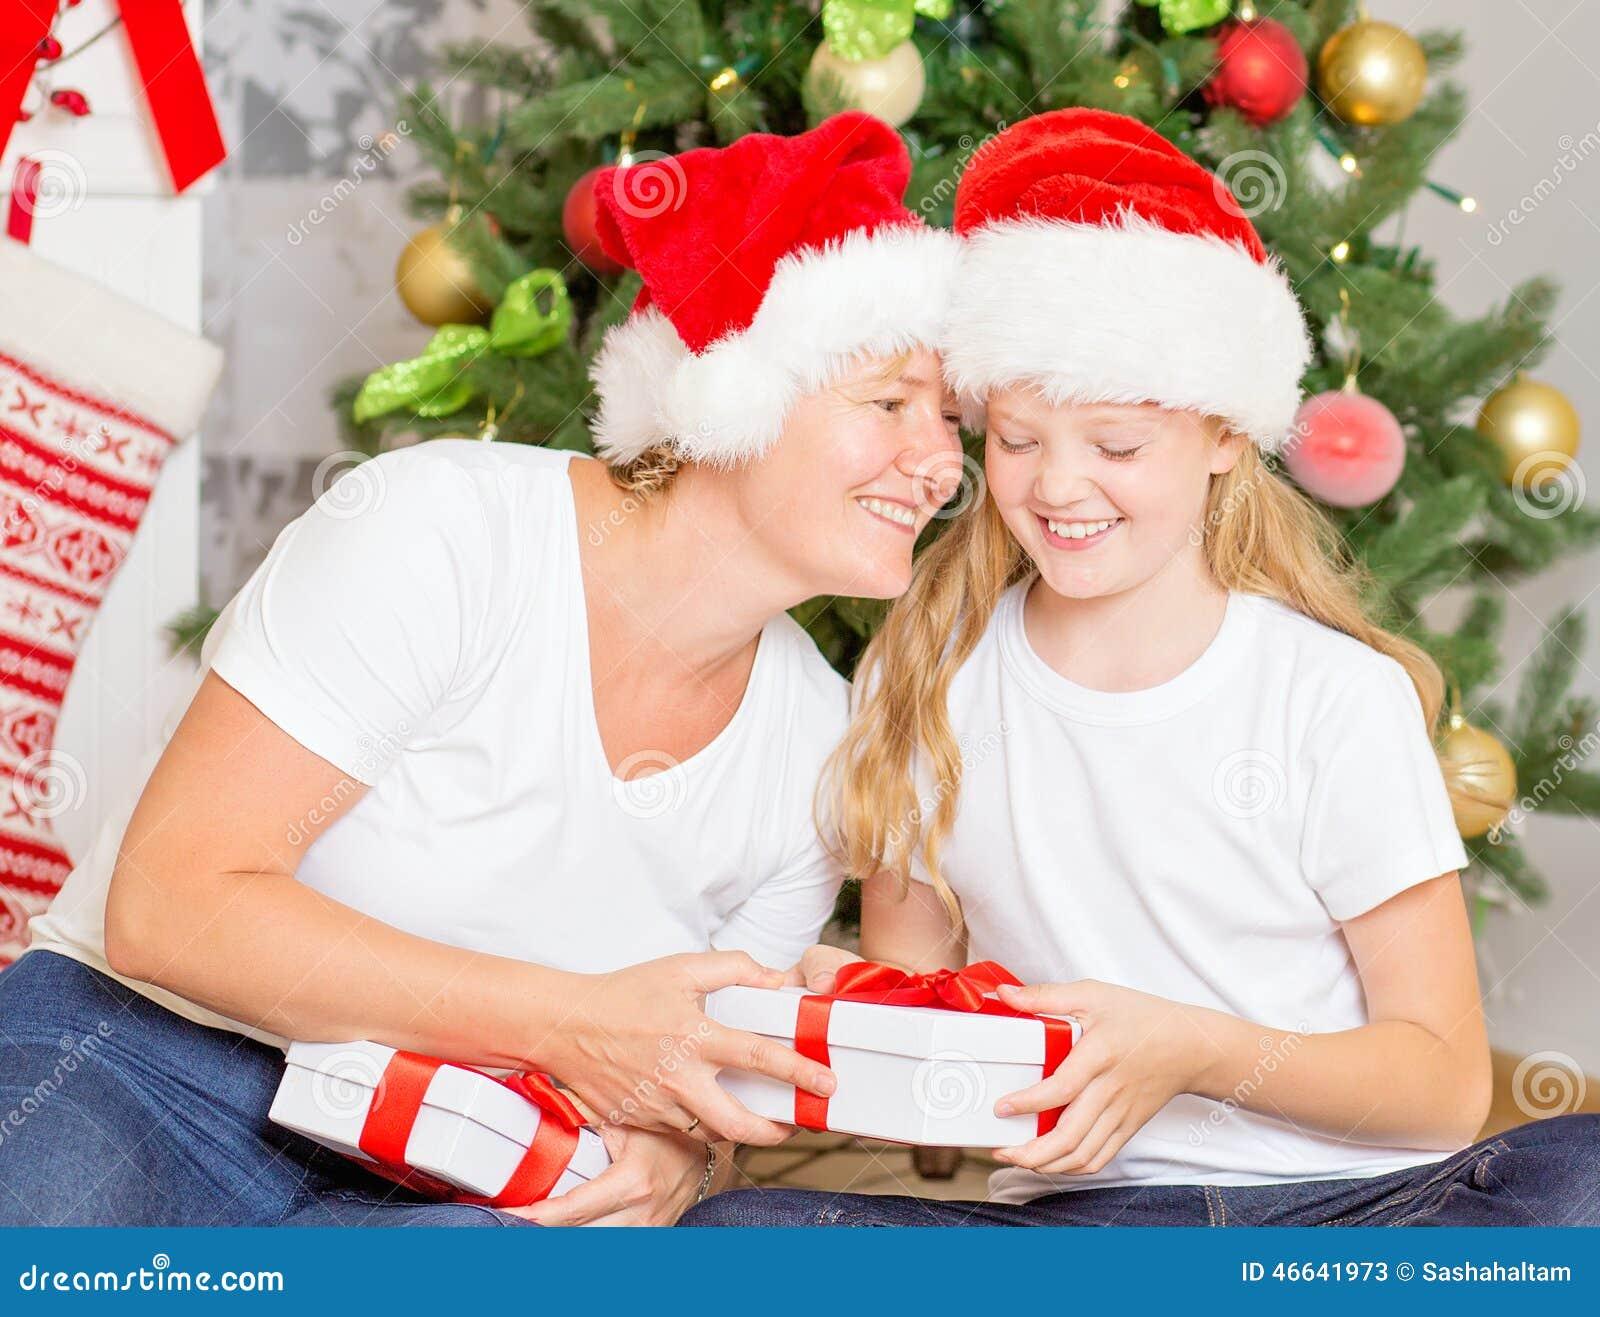 Regali Di Natale Alla Mamma.Mamma E Figlia Felici Con I Regali Di Natale Immagine Stock